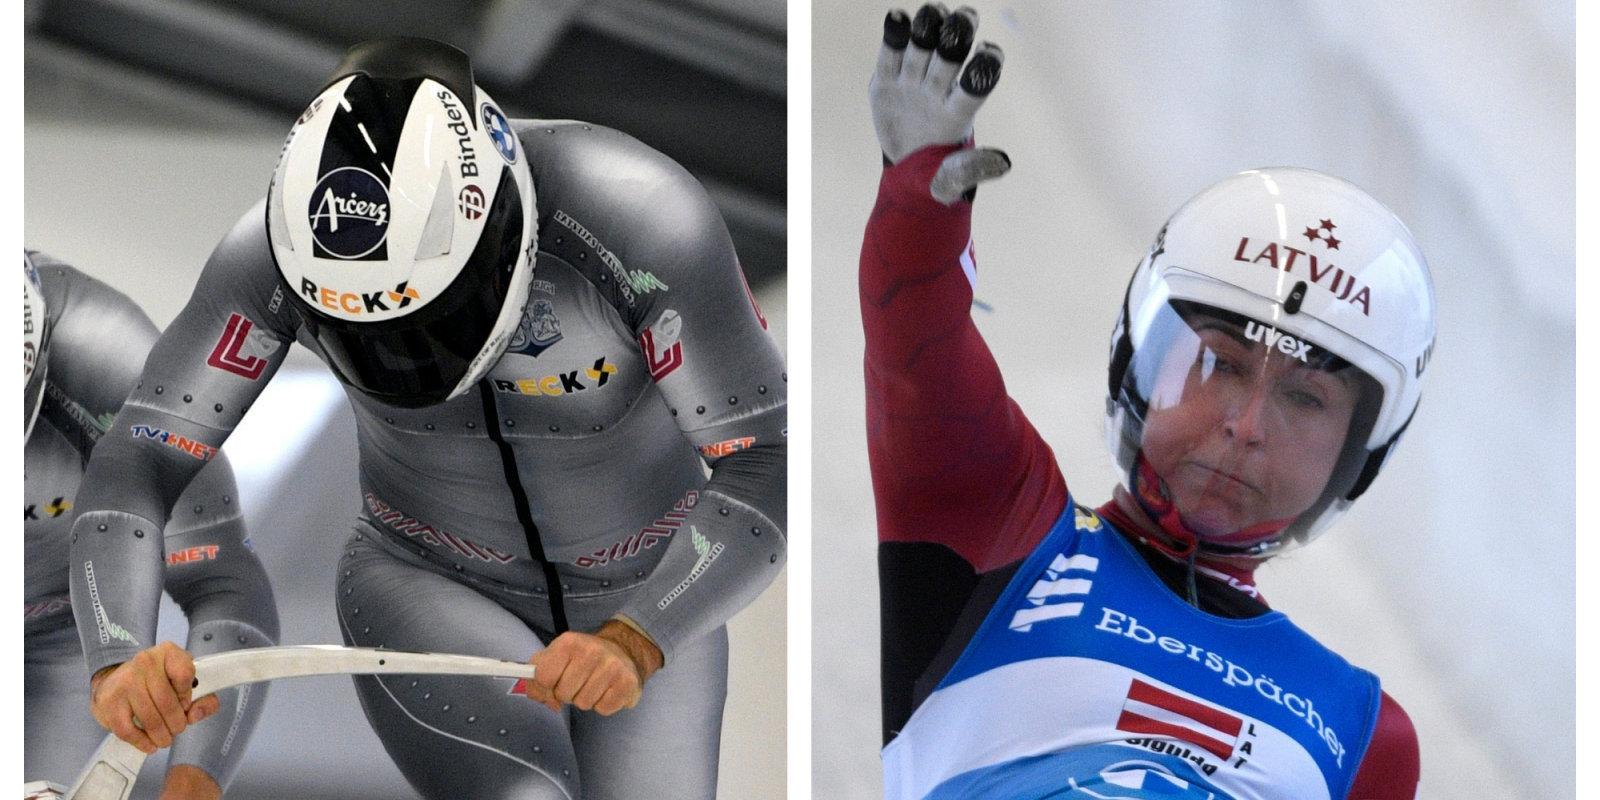 Renes sezonas atskaņas: kamaniņnieki priecīgi par teicamo sezonu, bobslejistiem objektīvi skaidrojumi